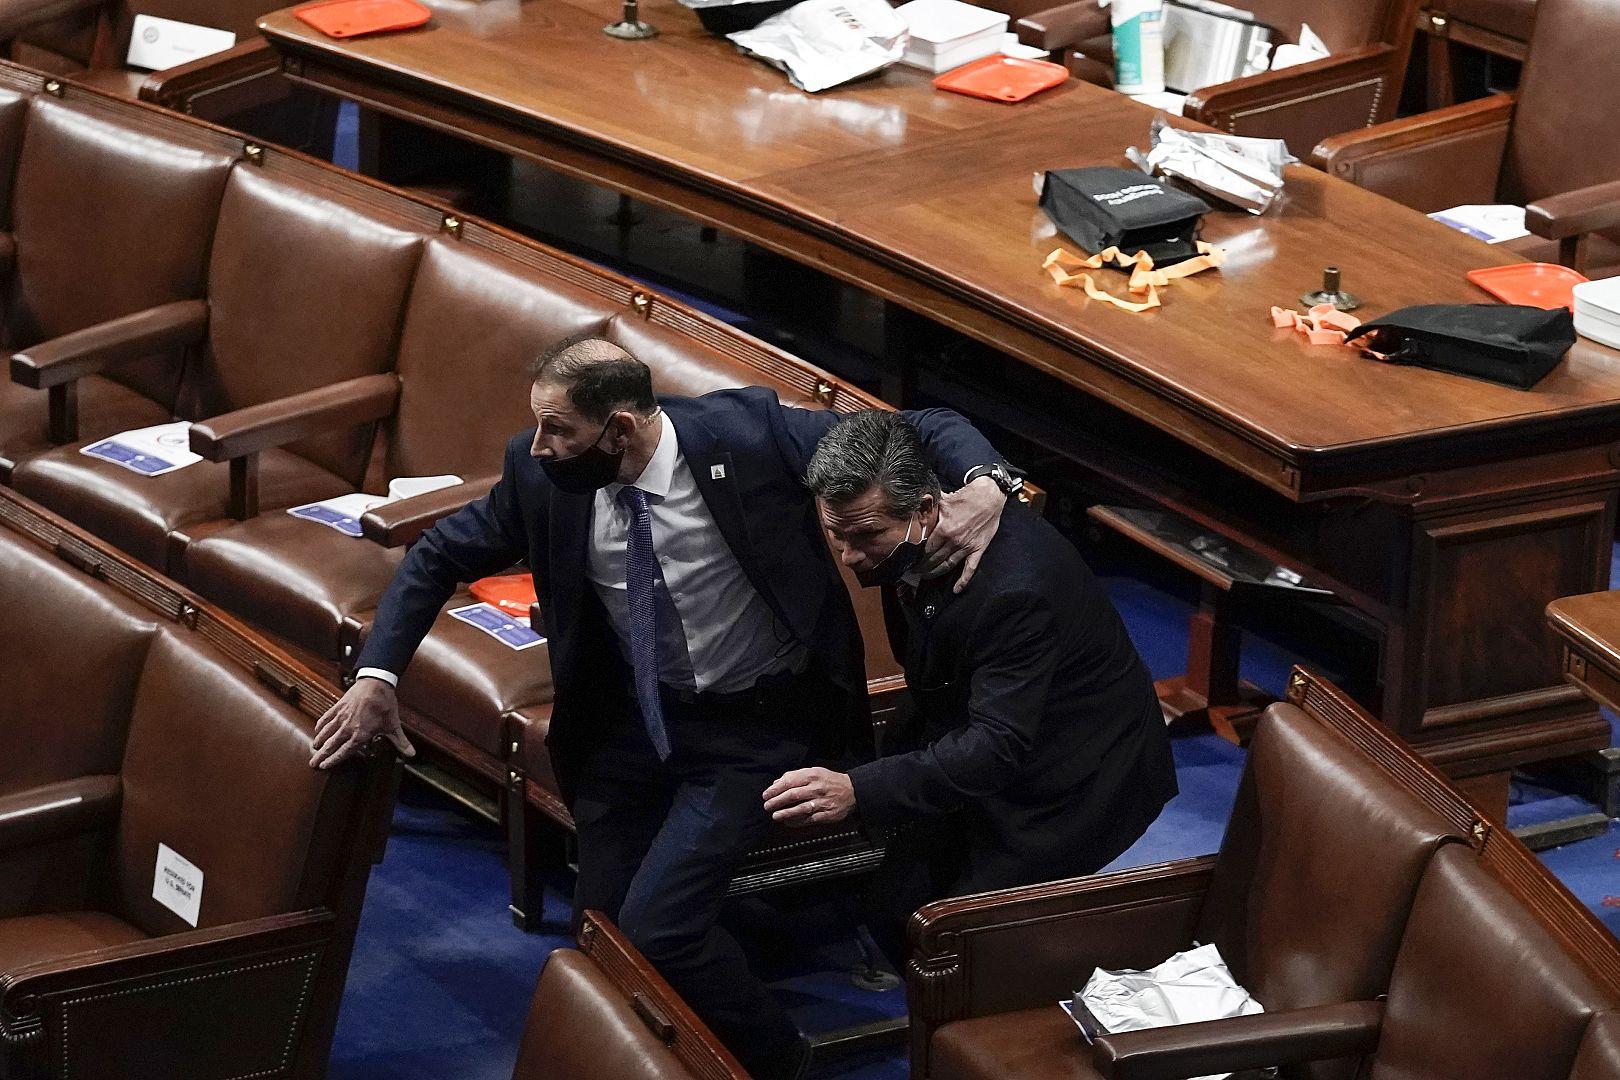 Anggota parlemen mengevakuasi lantai ketika pengunjuk rasa akan masuk ke Kamar Dewan di Capitol AS di Washington. 6 Januari 2021